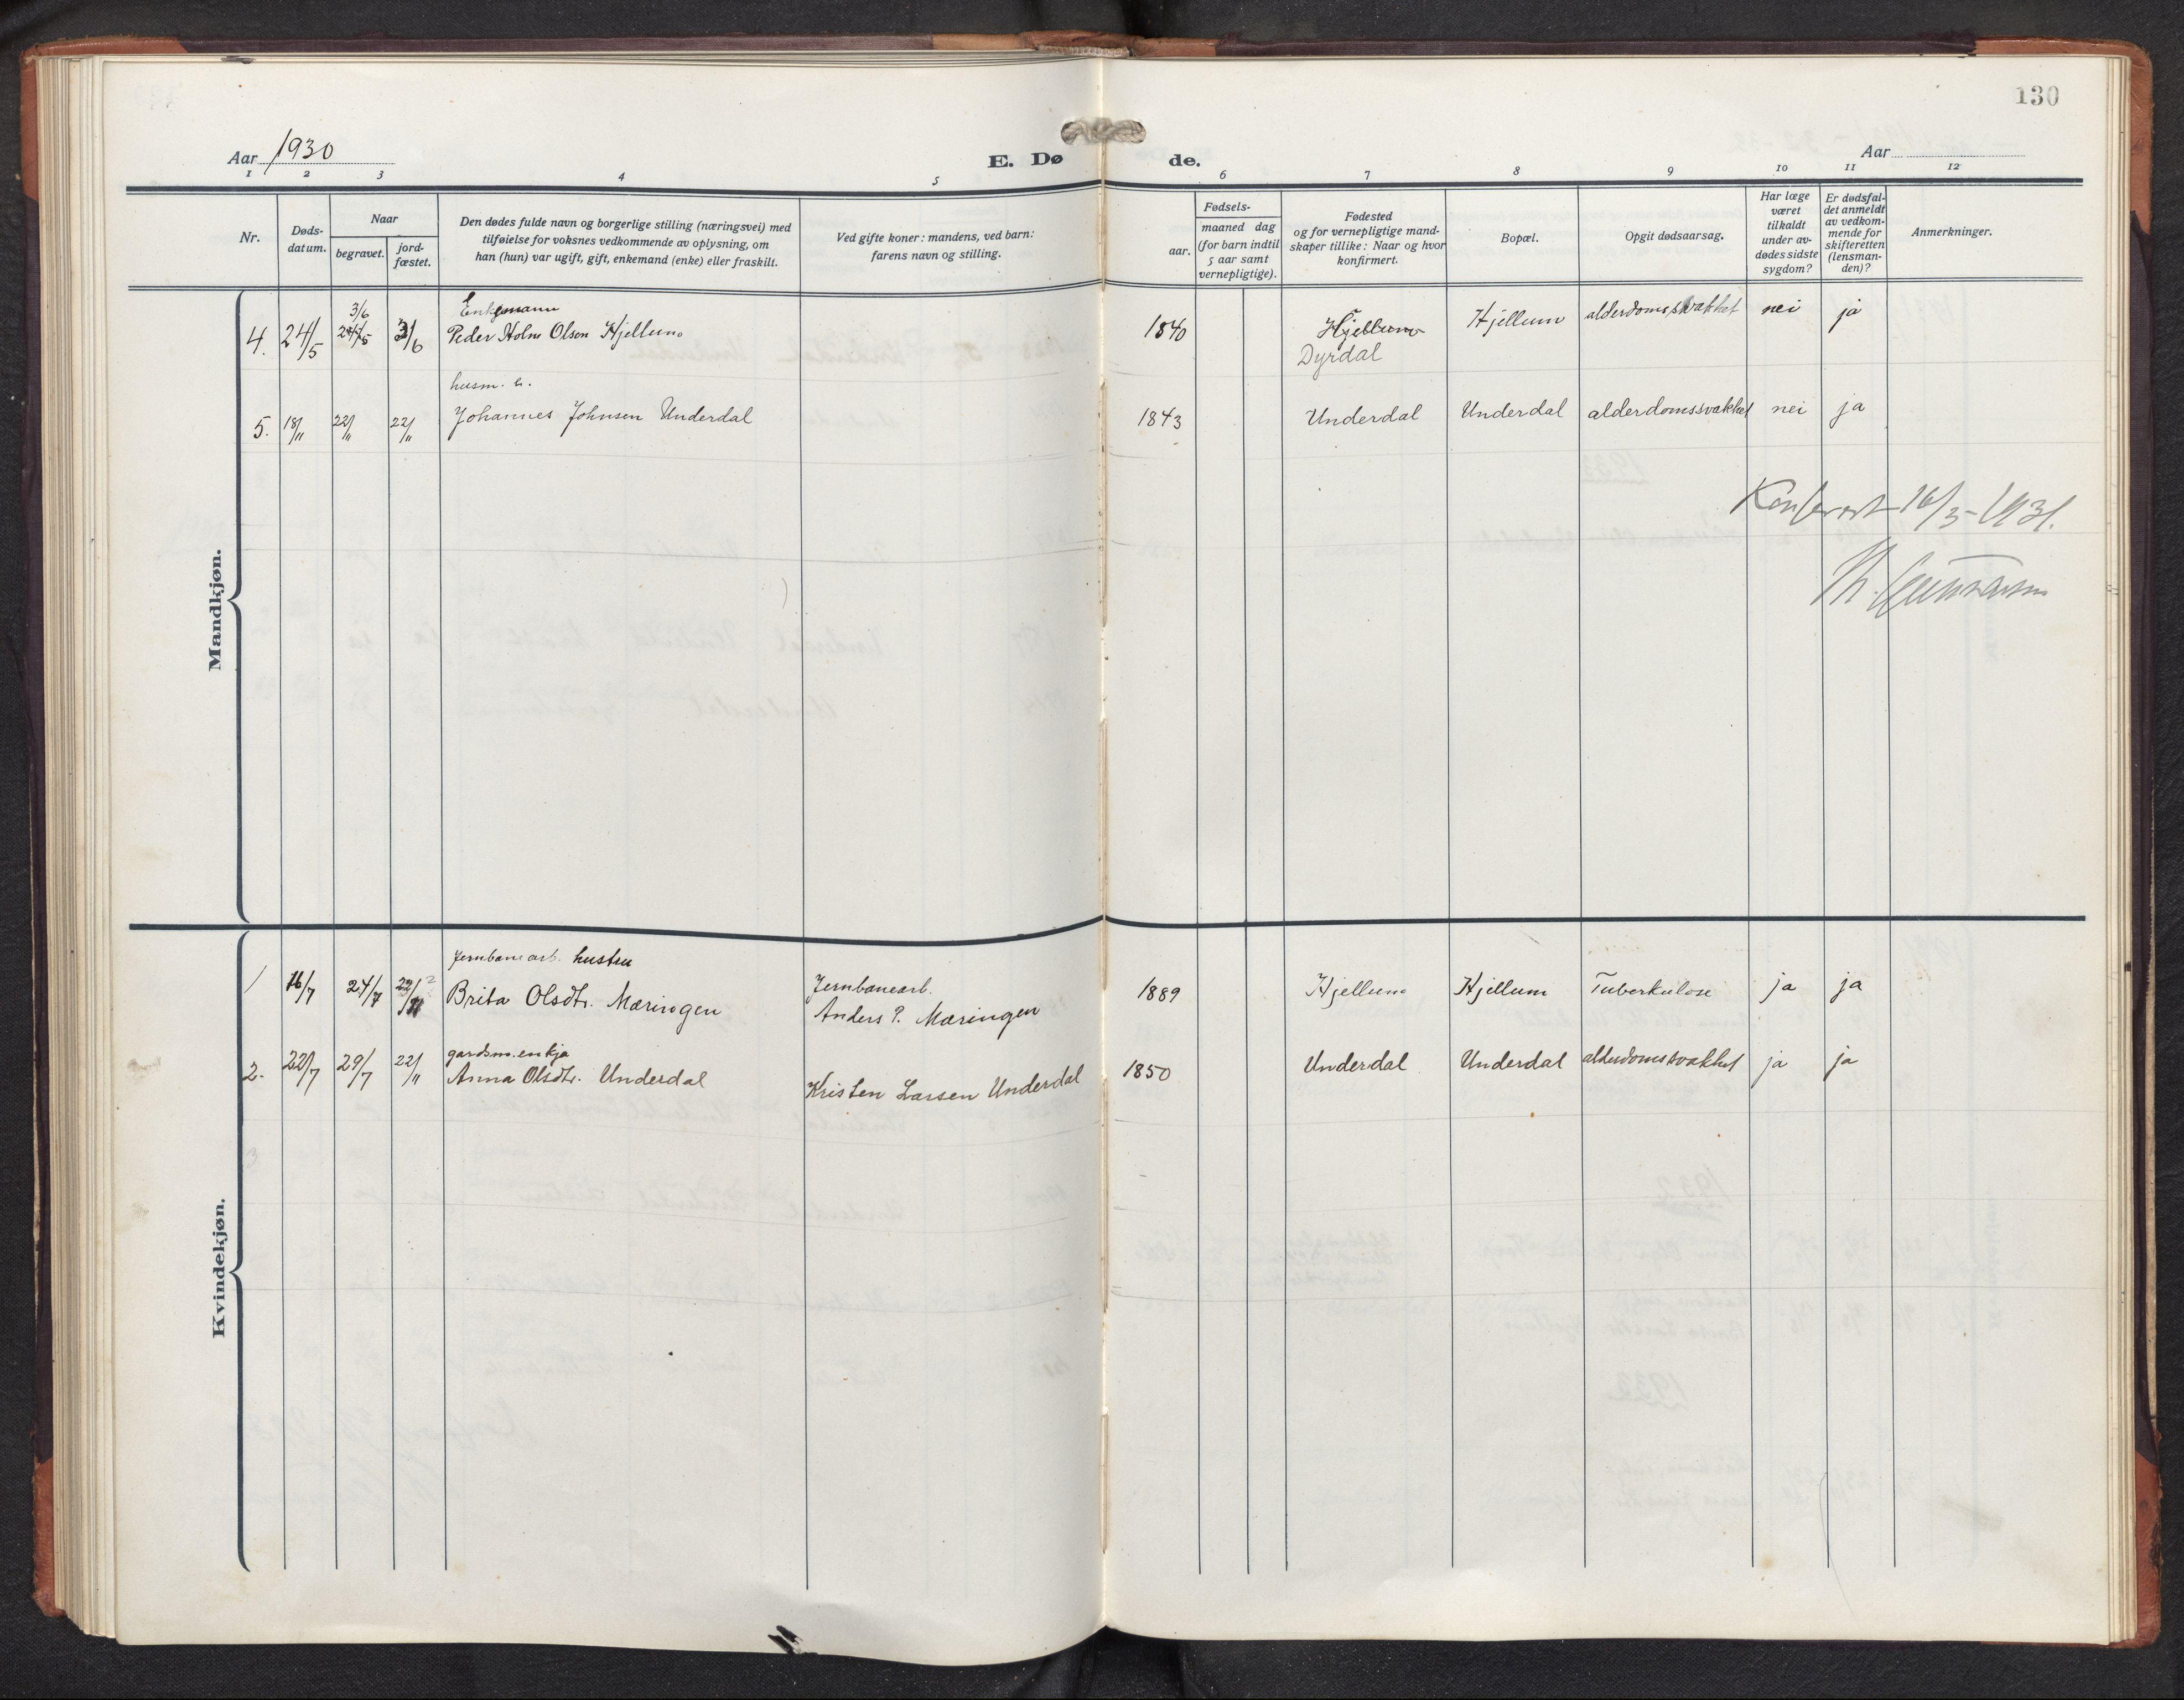 SAB, Aurland sokneprestembete, H/Hb/Hbd/L0003: Parish register (copy) no. D 3, 1920-1968, p. 129b-130a